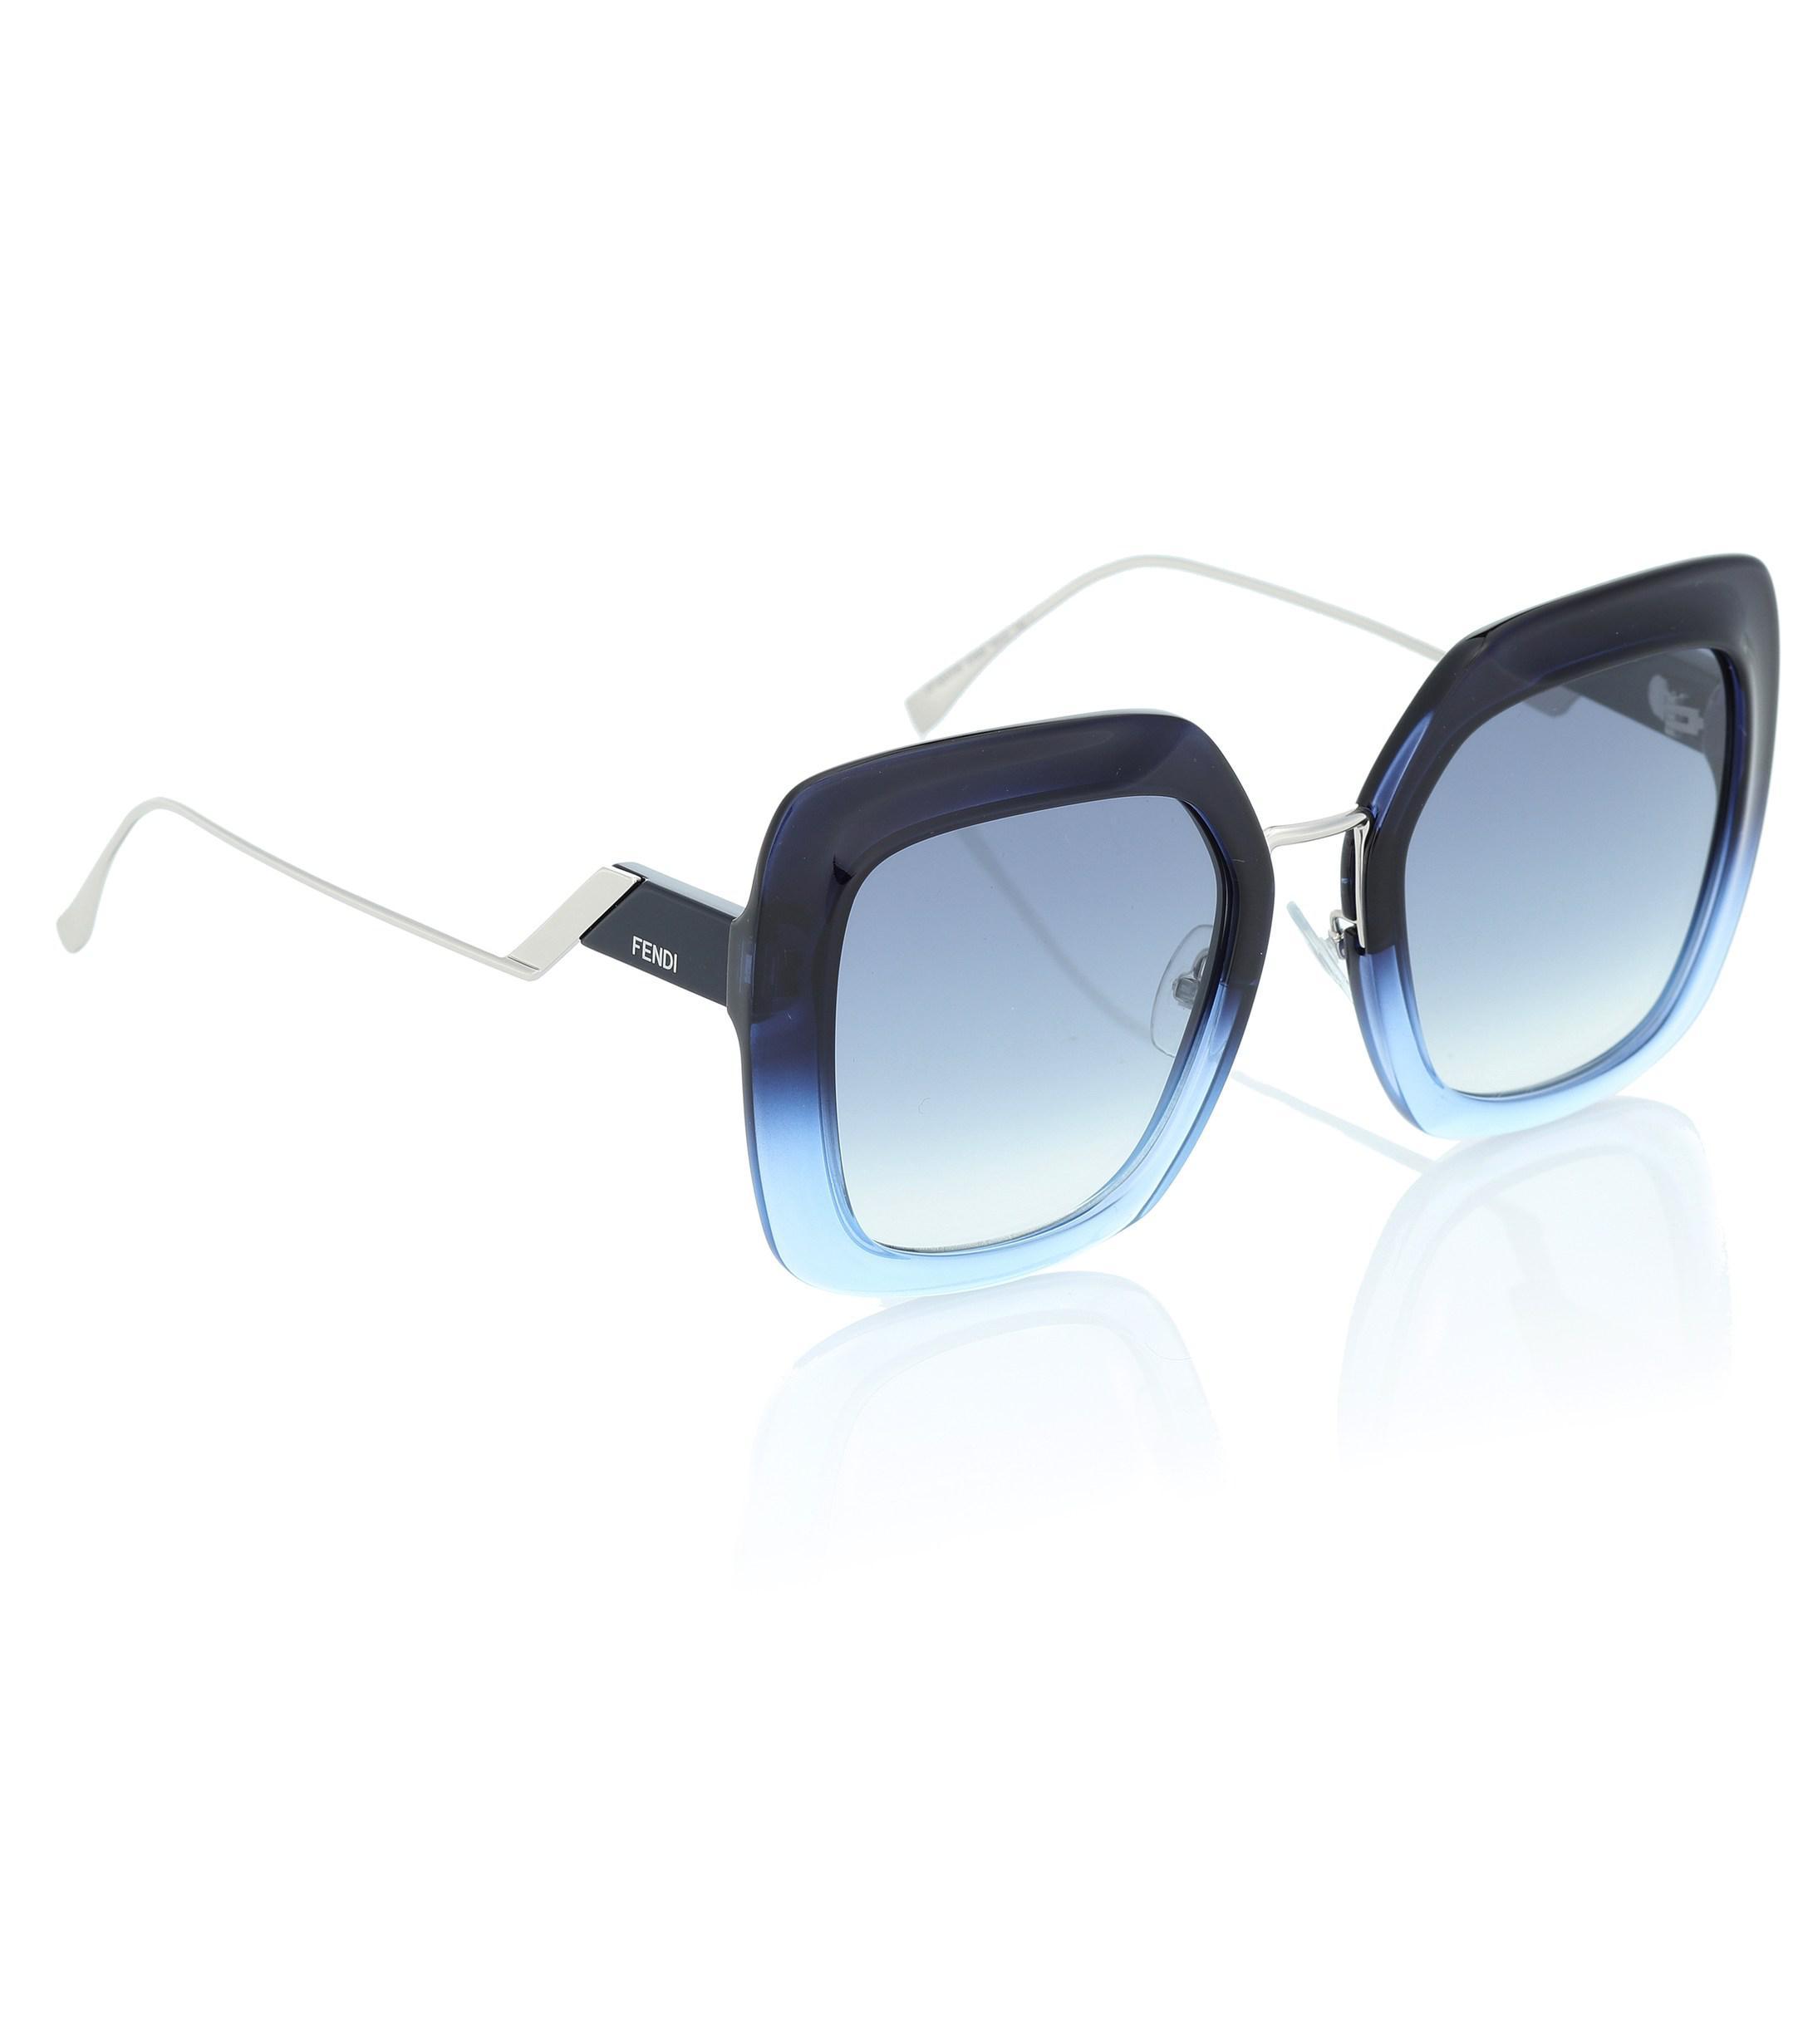 Shine Tropical Blue Soleil En Fendi Coloris Carrées De Lunettes UVMzpS